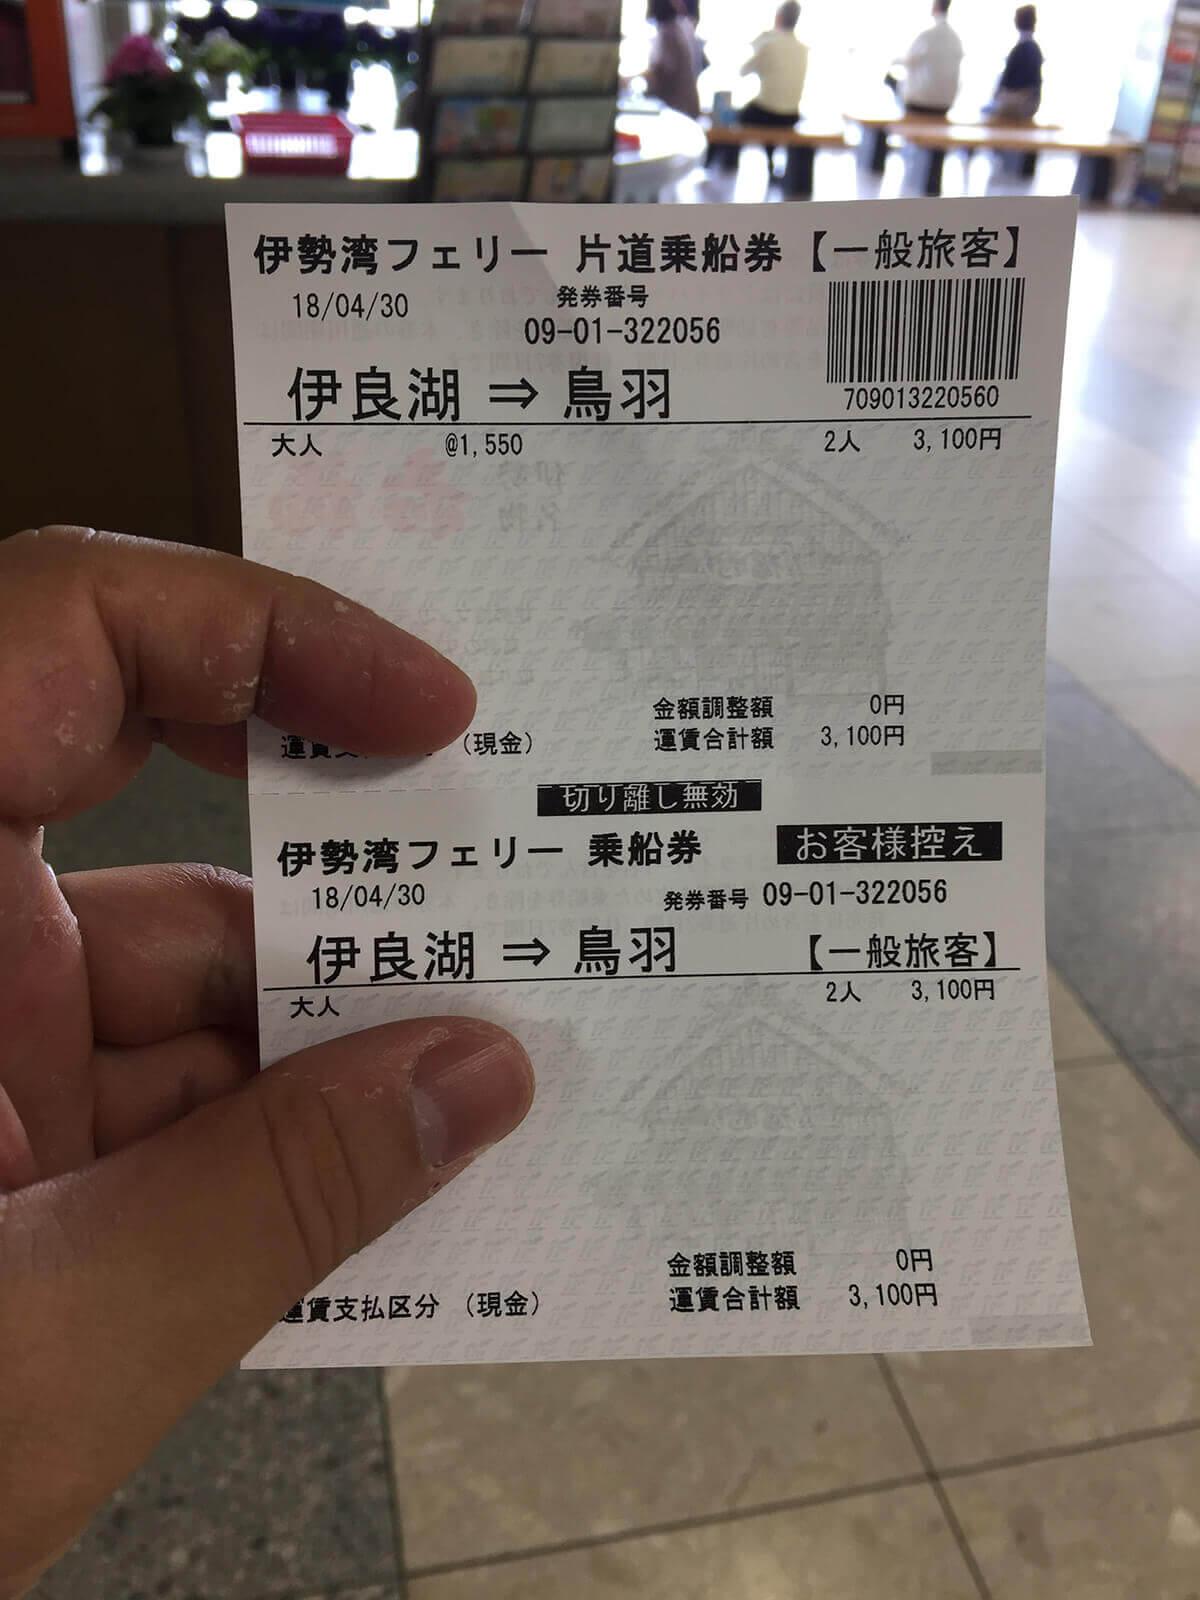 伊良湖から鳥羽までは片道大人1人1,550円の切符が必要